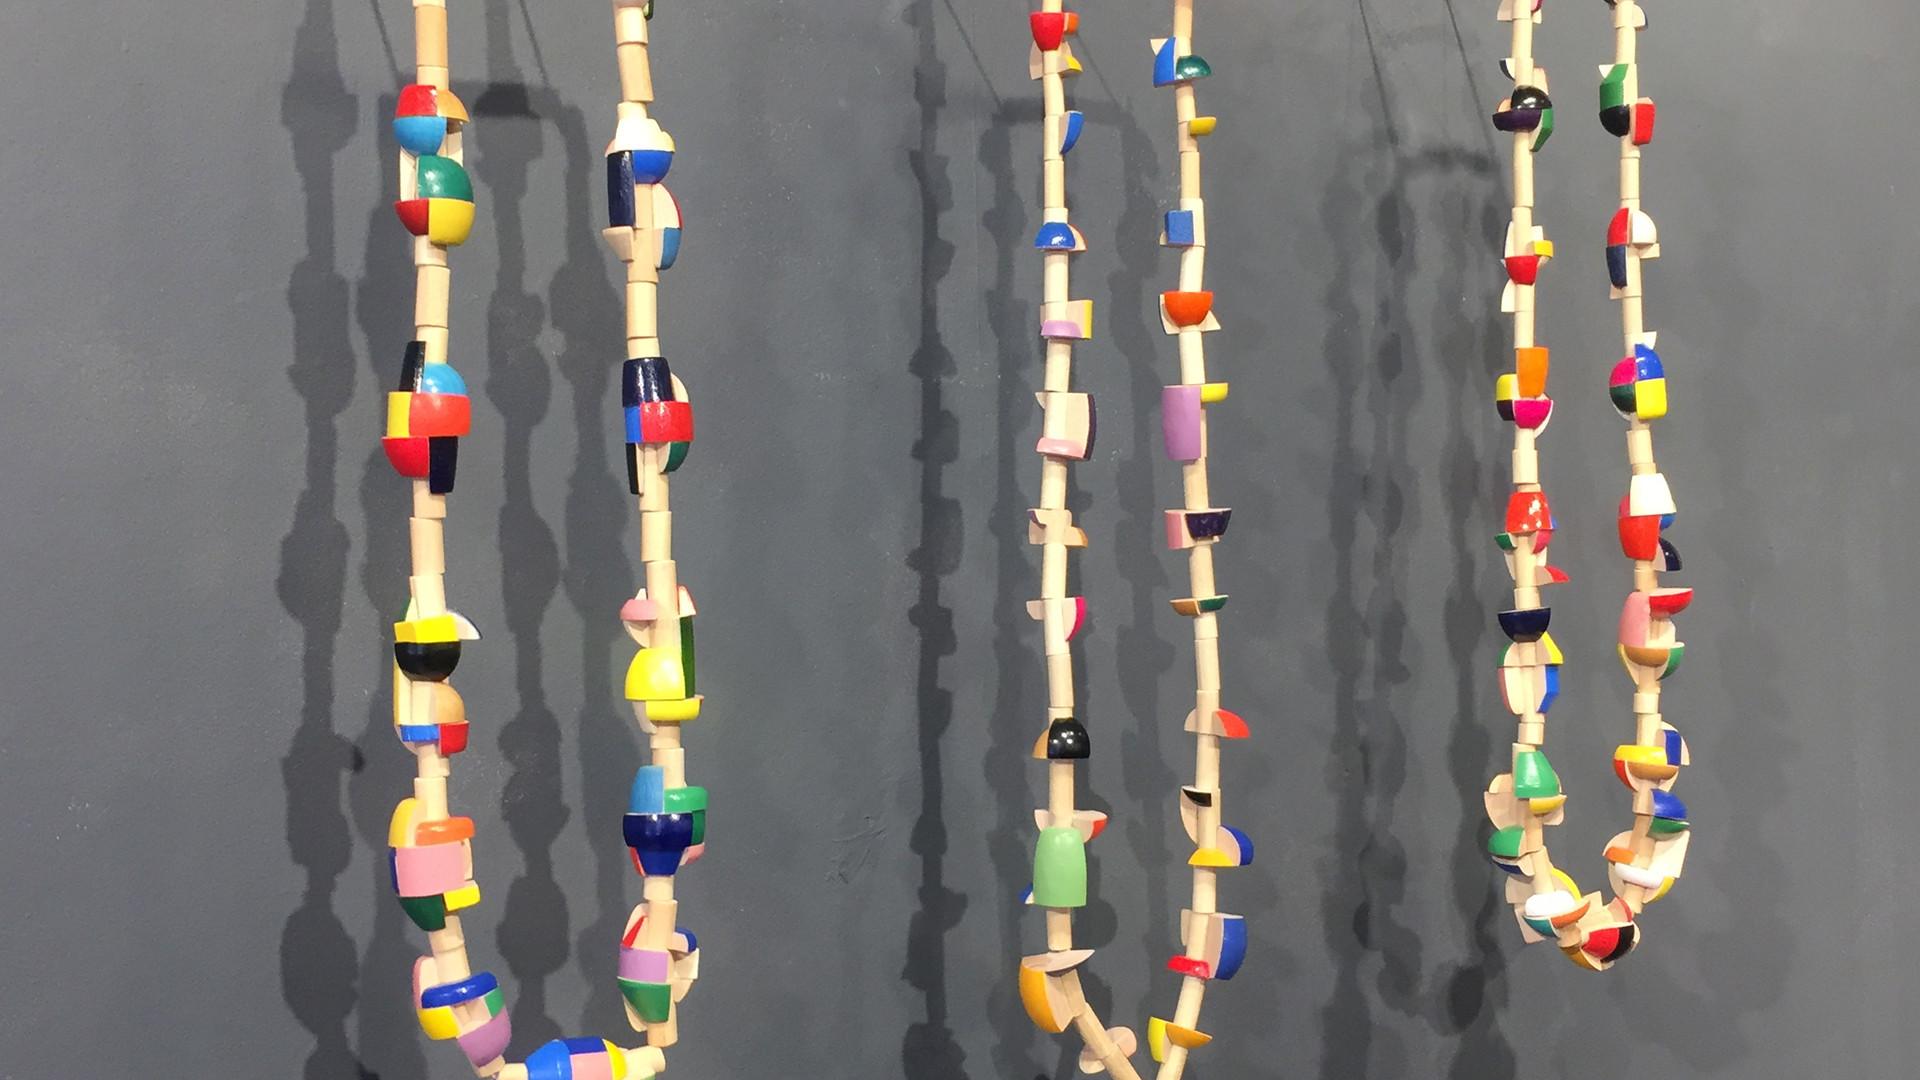 Necklaces by Manon van Kouswijk